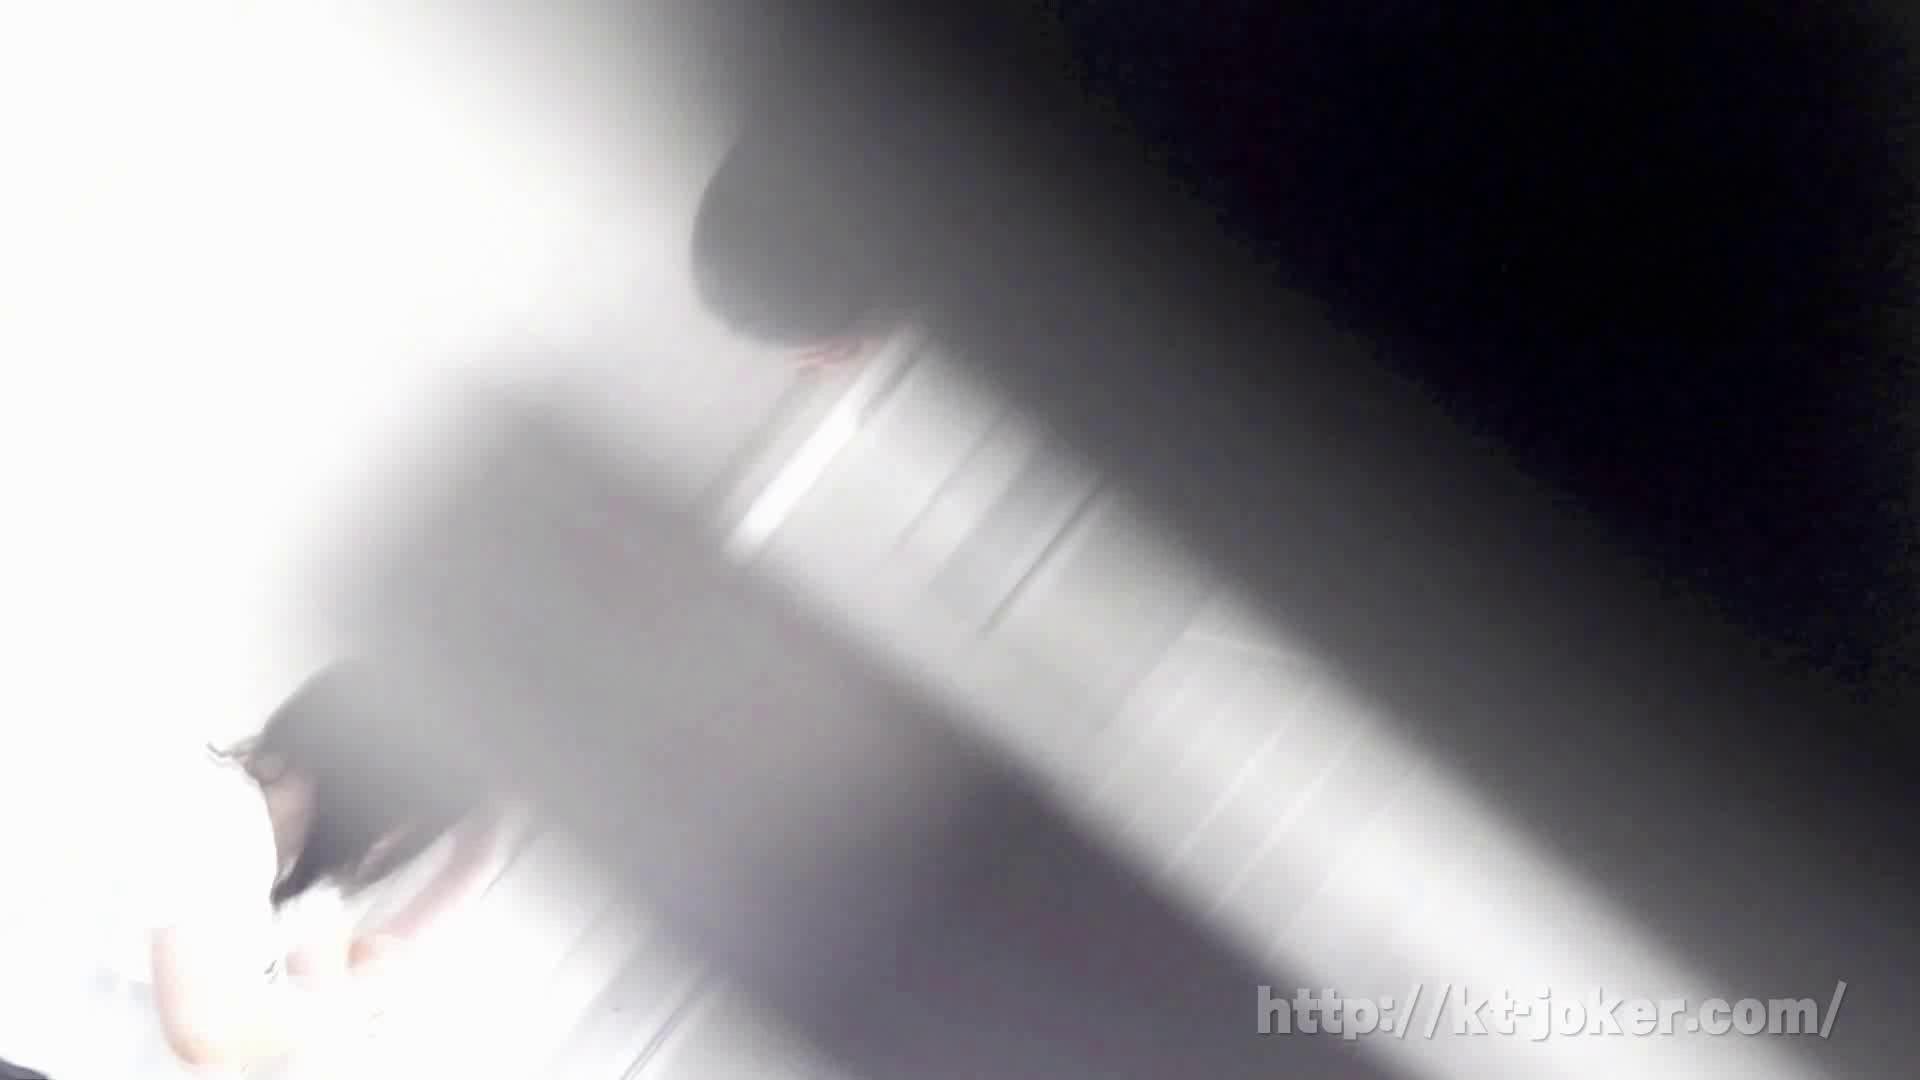 命がけ潜伏洗面所! vol.68 レベルアップ!! 洗面所 AV無料動画キャプチャ 109PIX 92